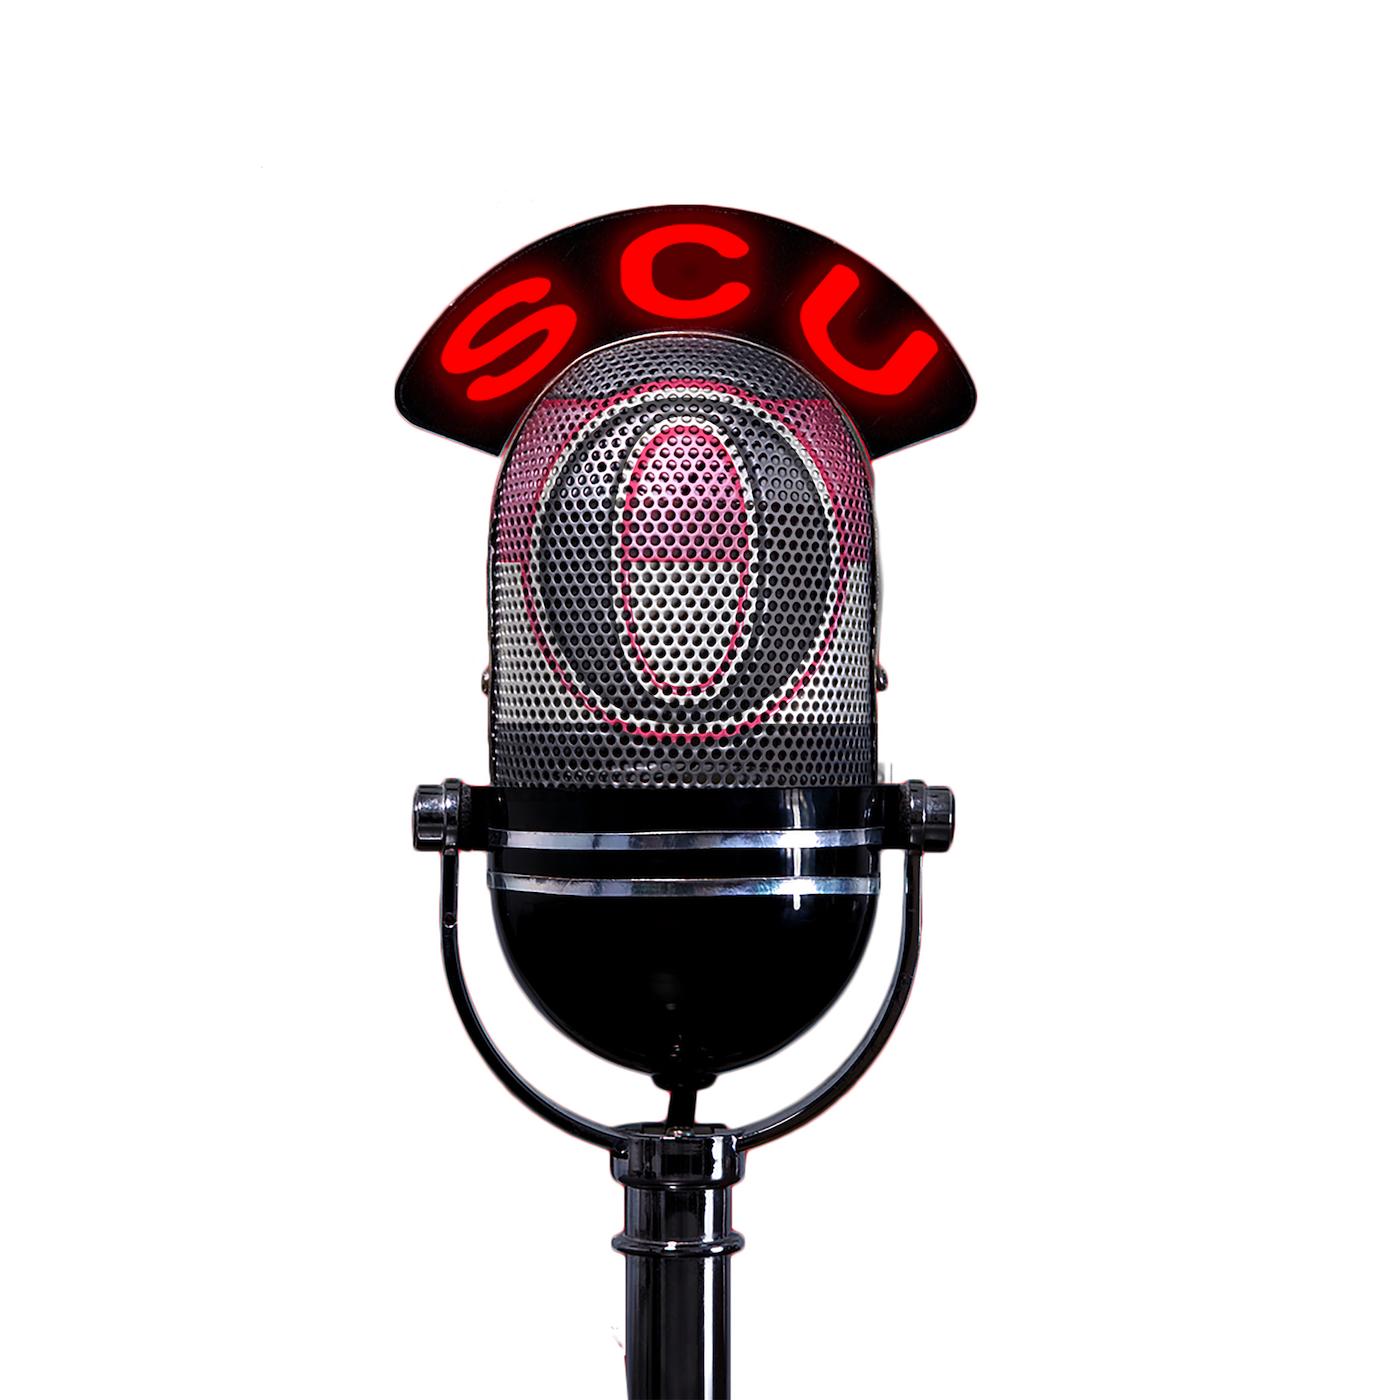 Sens Callups - Ottawa Senators Podcast